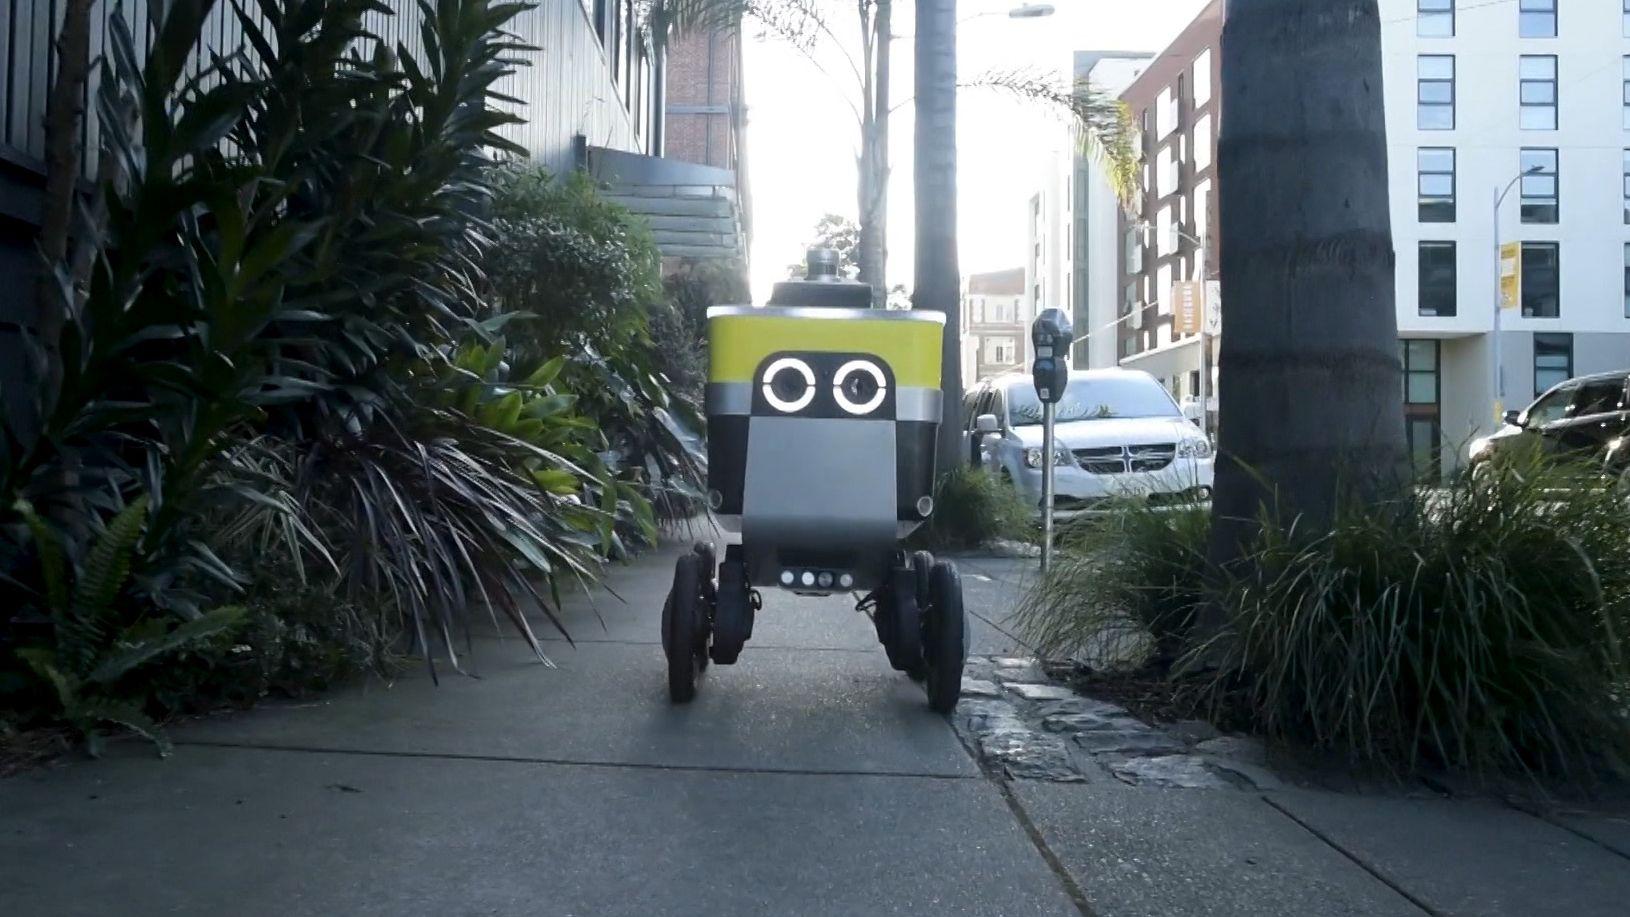 Roboterautos liefern Pizza nach Hause